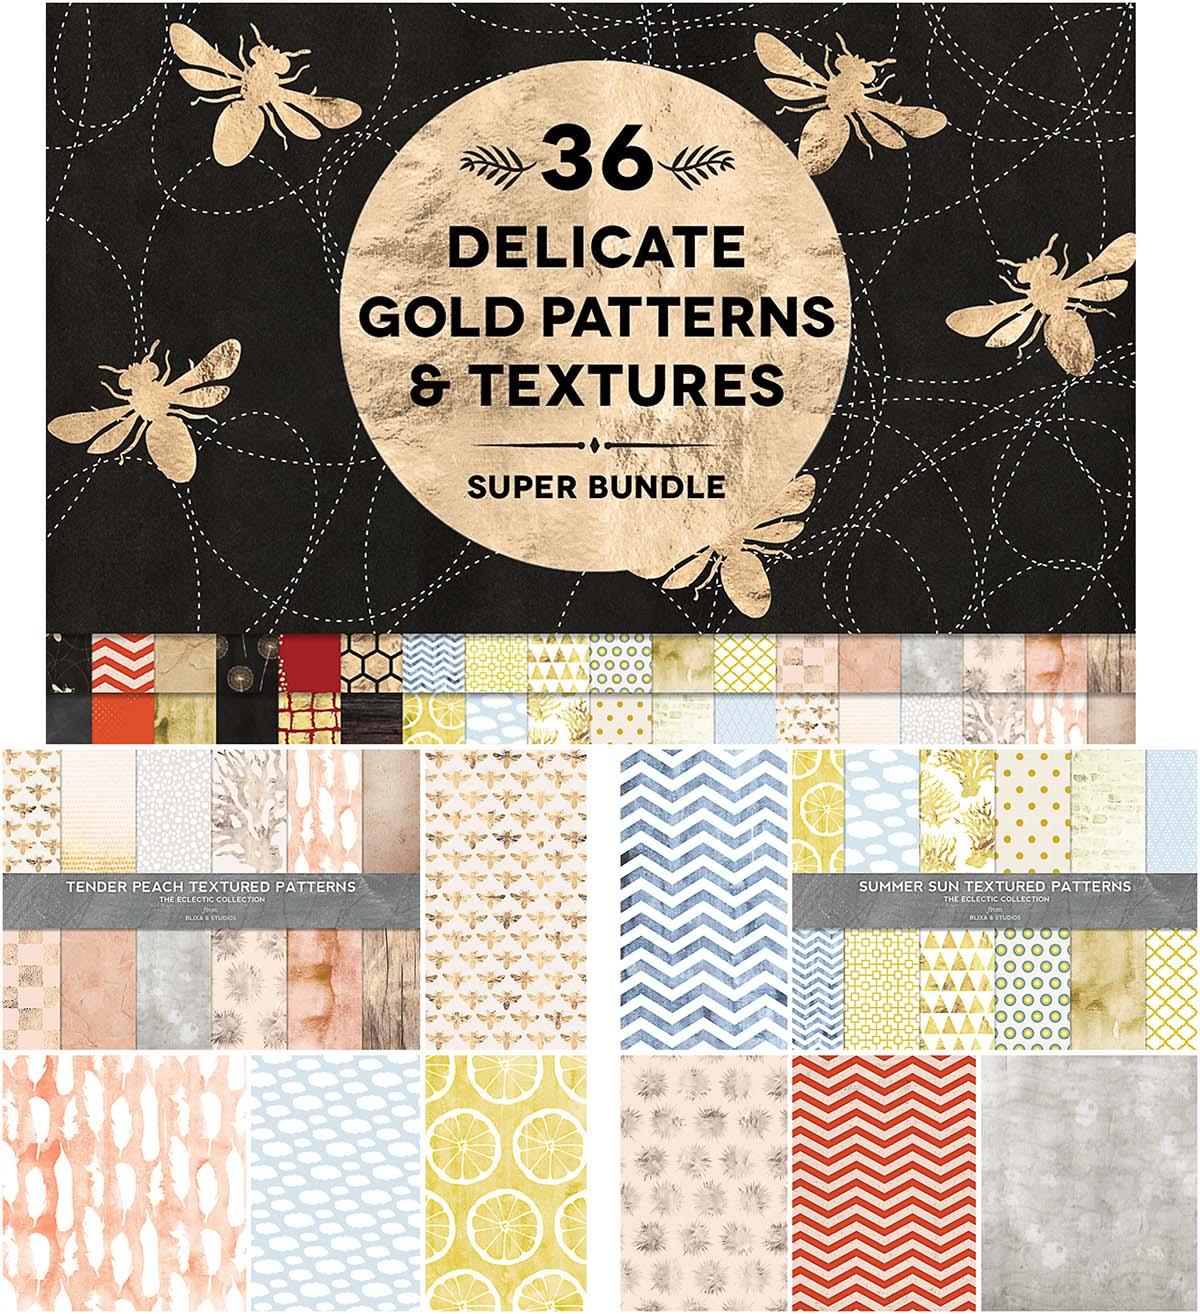 36 weathererd delicate textures